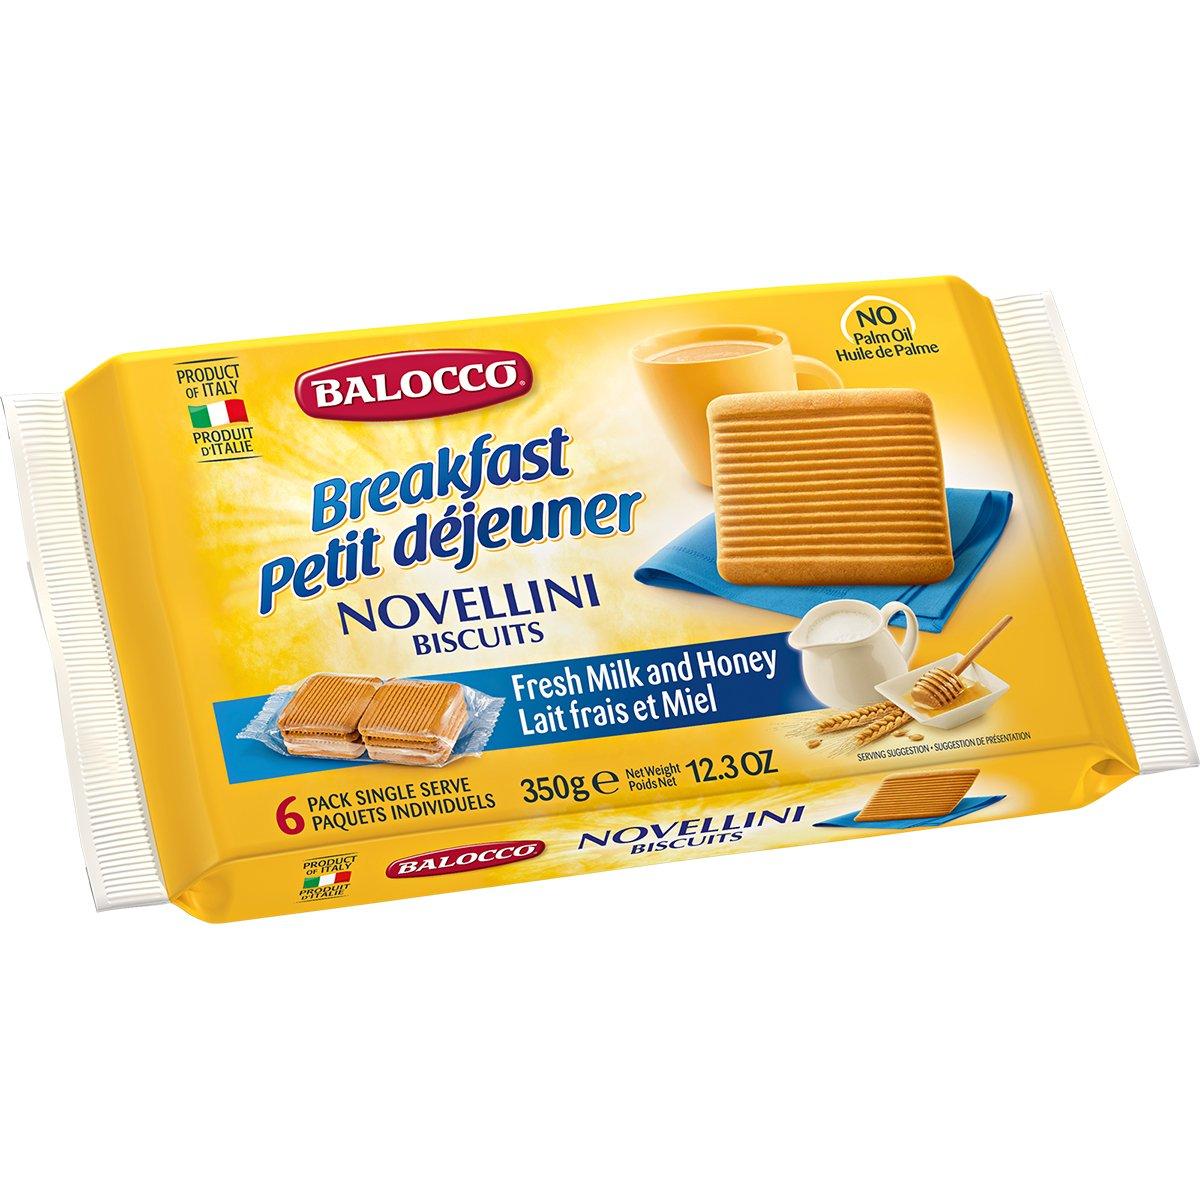 Biscuiti cu miere Balocco Novellini, 350 g imagine